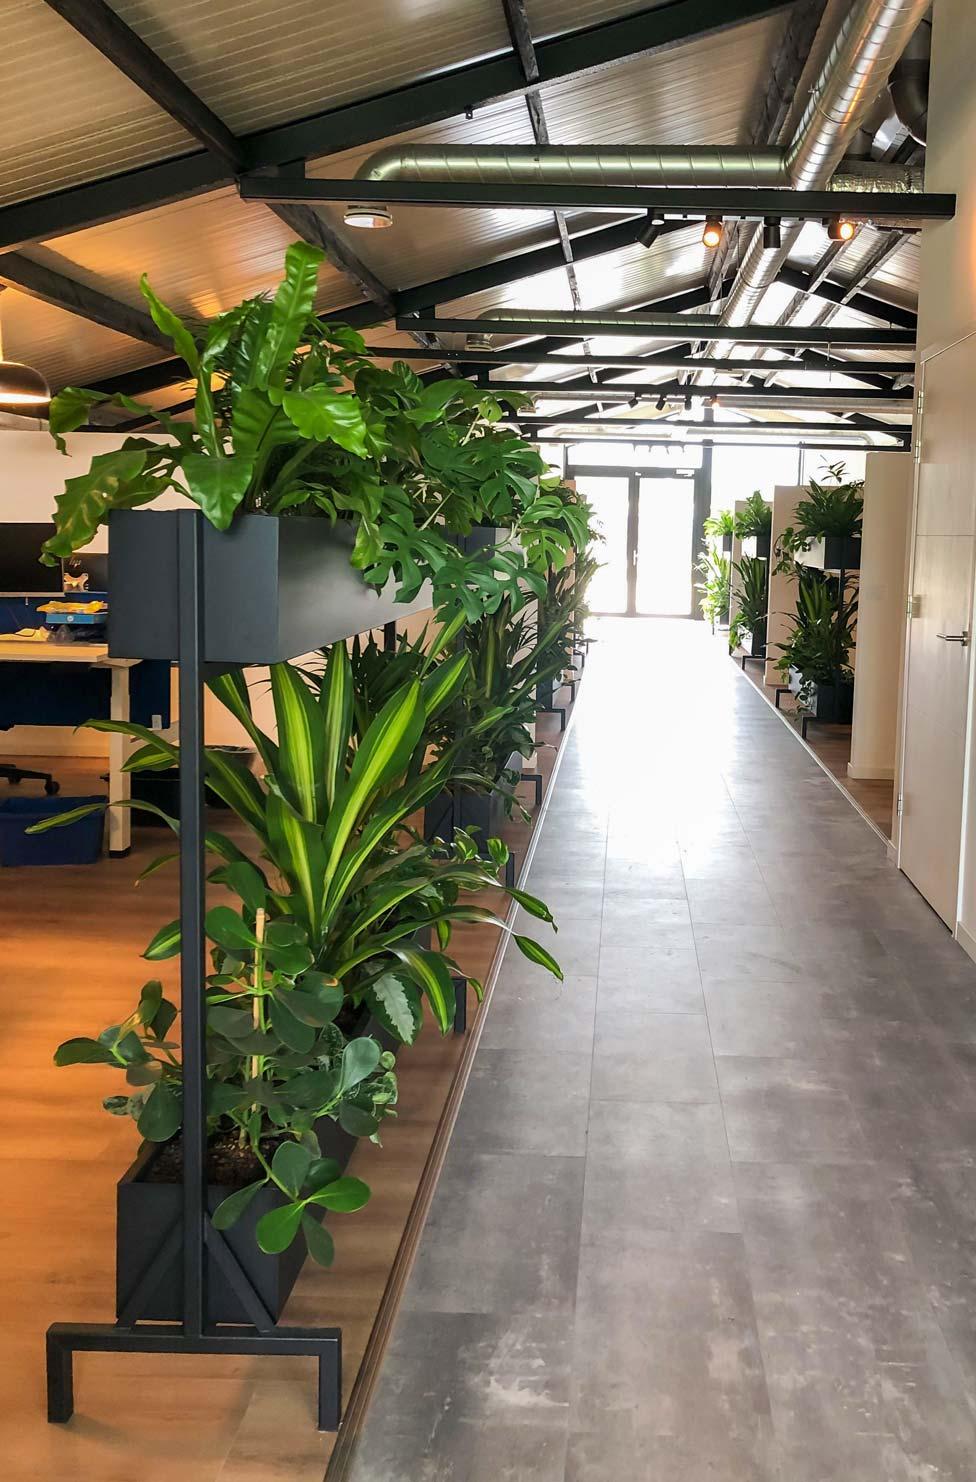 Mynthe-werkplekafscheiding-planten.jpg